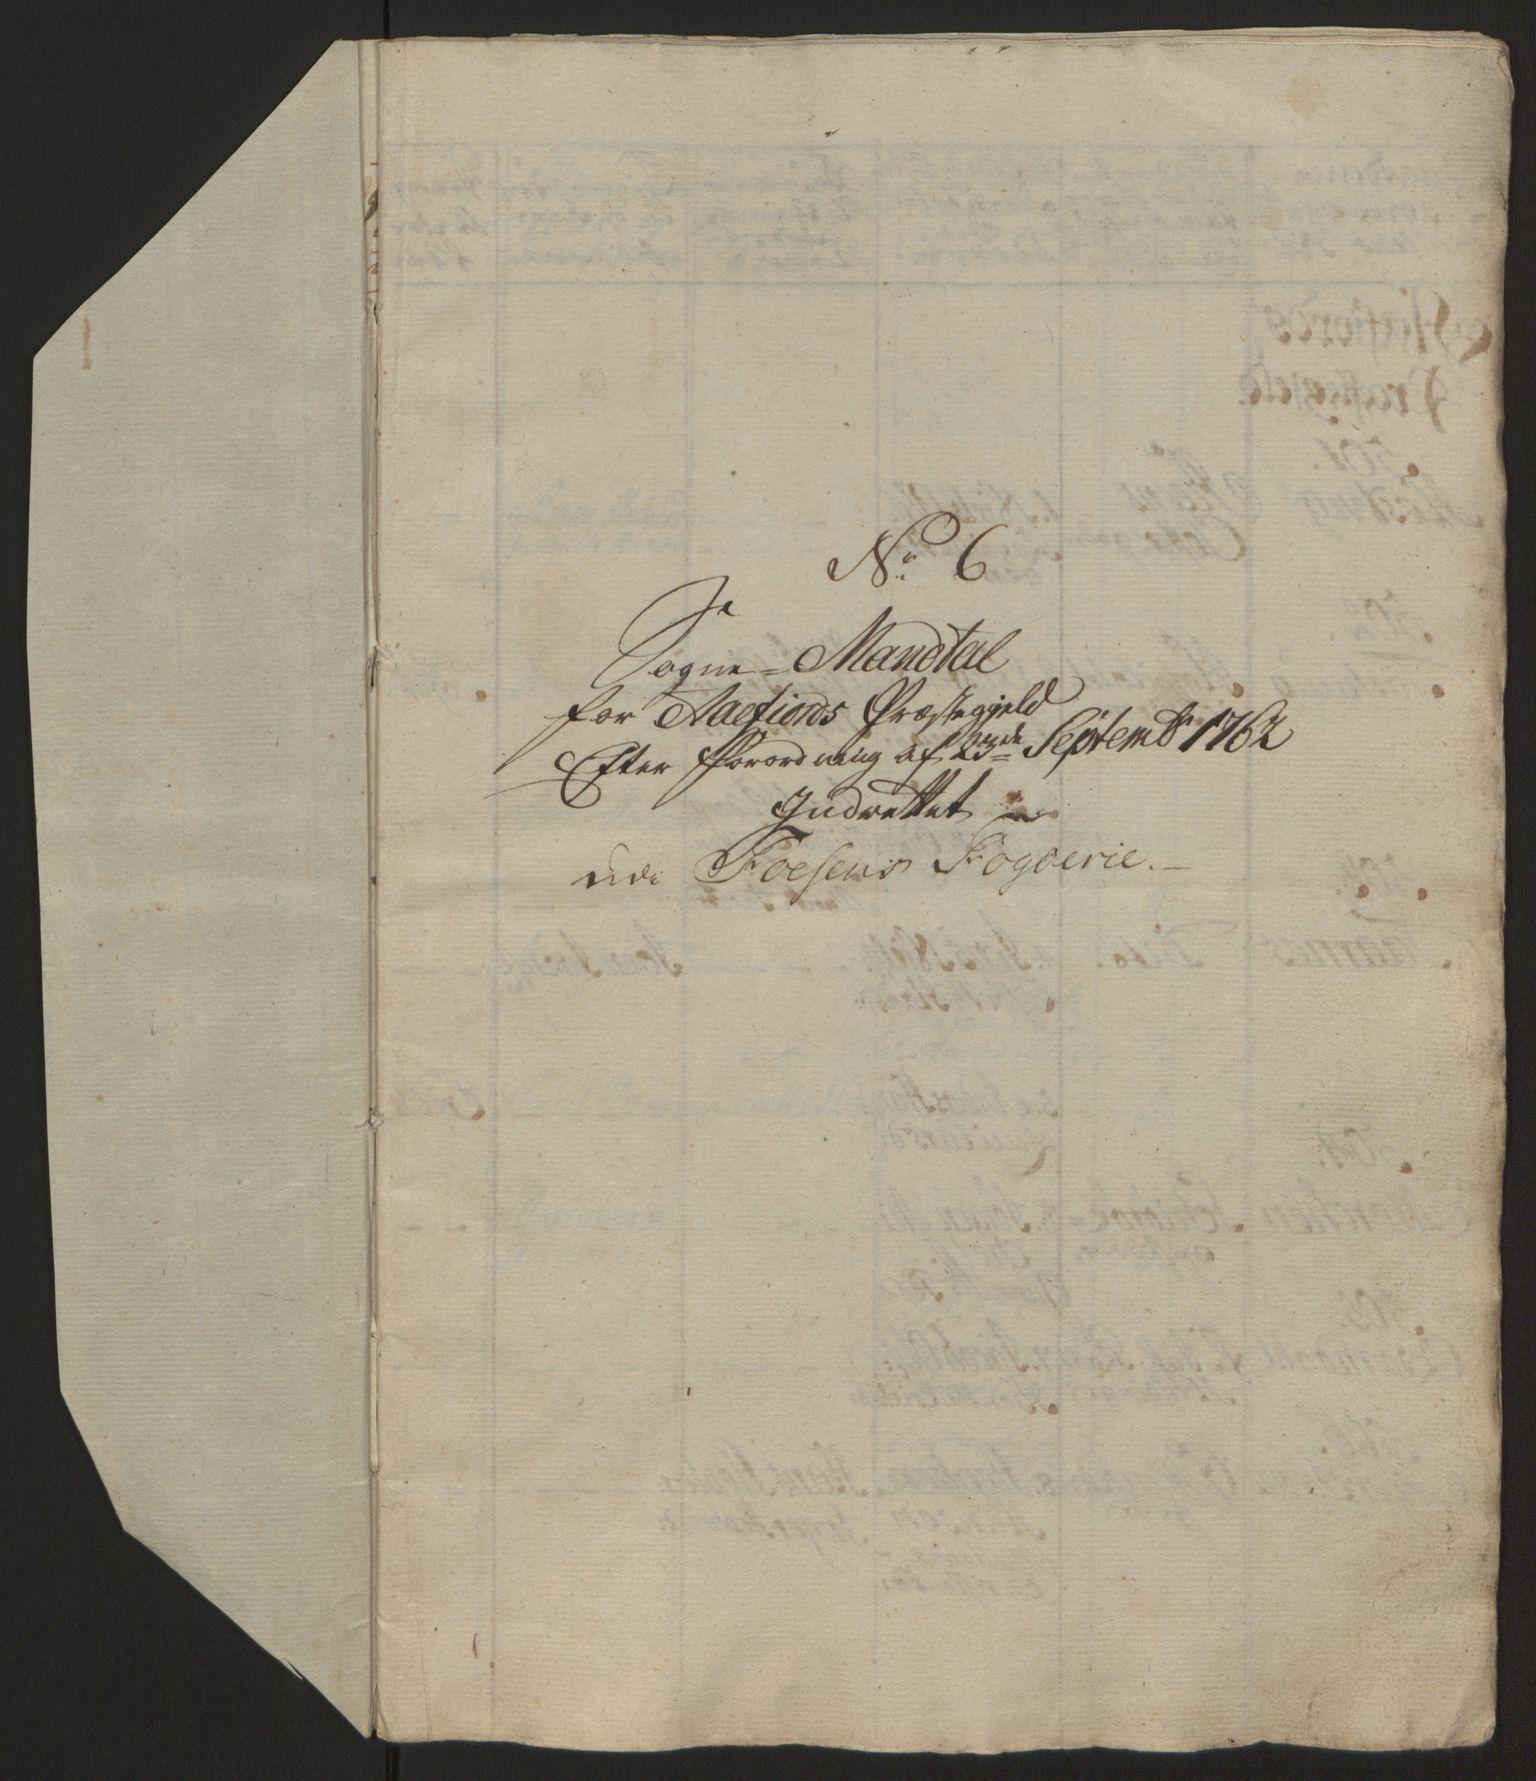 RA, Rentekammeret inntil 1814, Reviderte regnskaper, Fogderegnskap, R57/L3930: Ekstraskatten Fosen, 1762-1763, s. 417